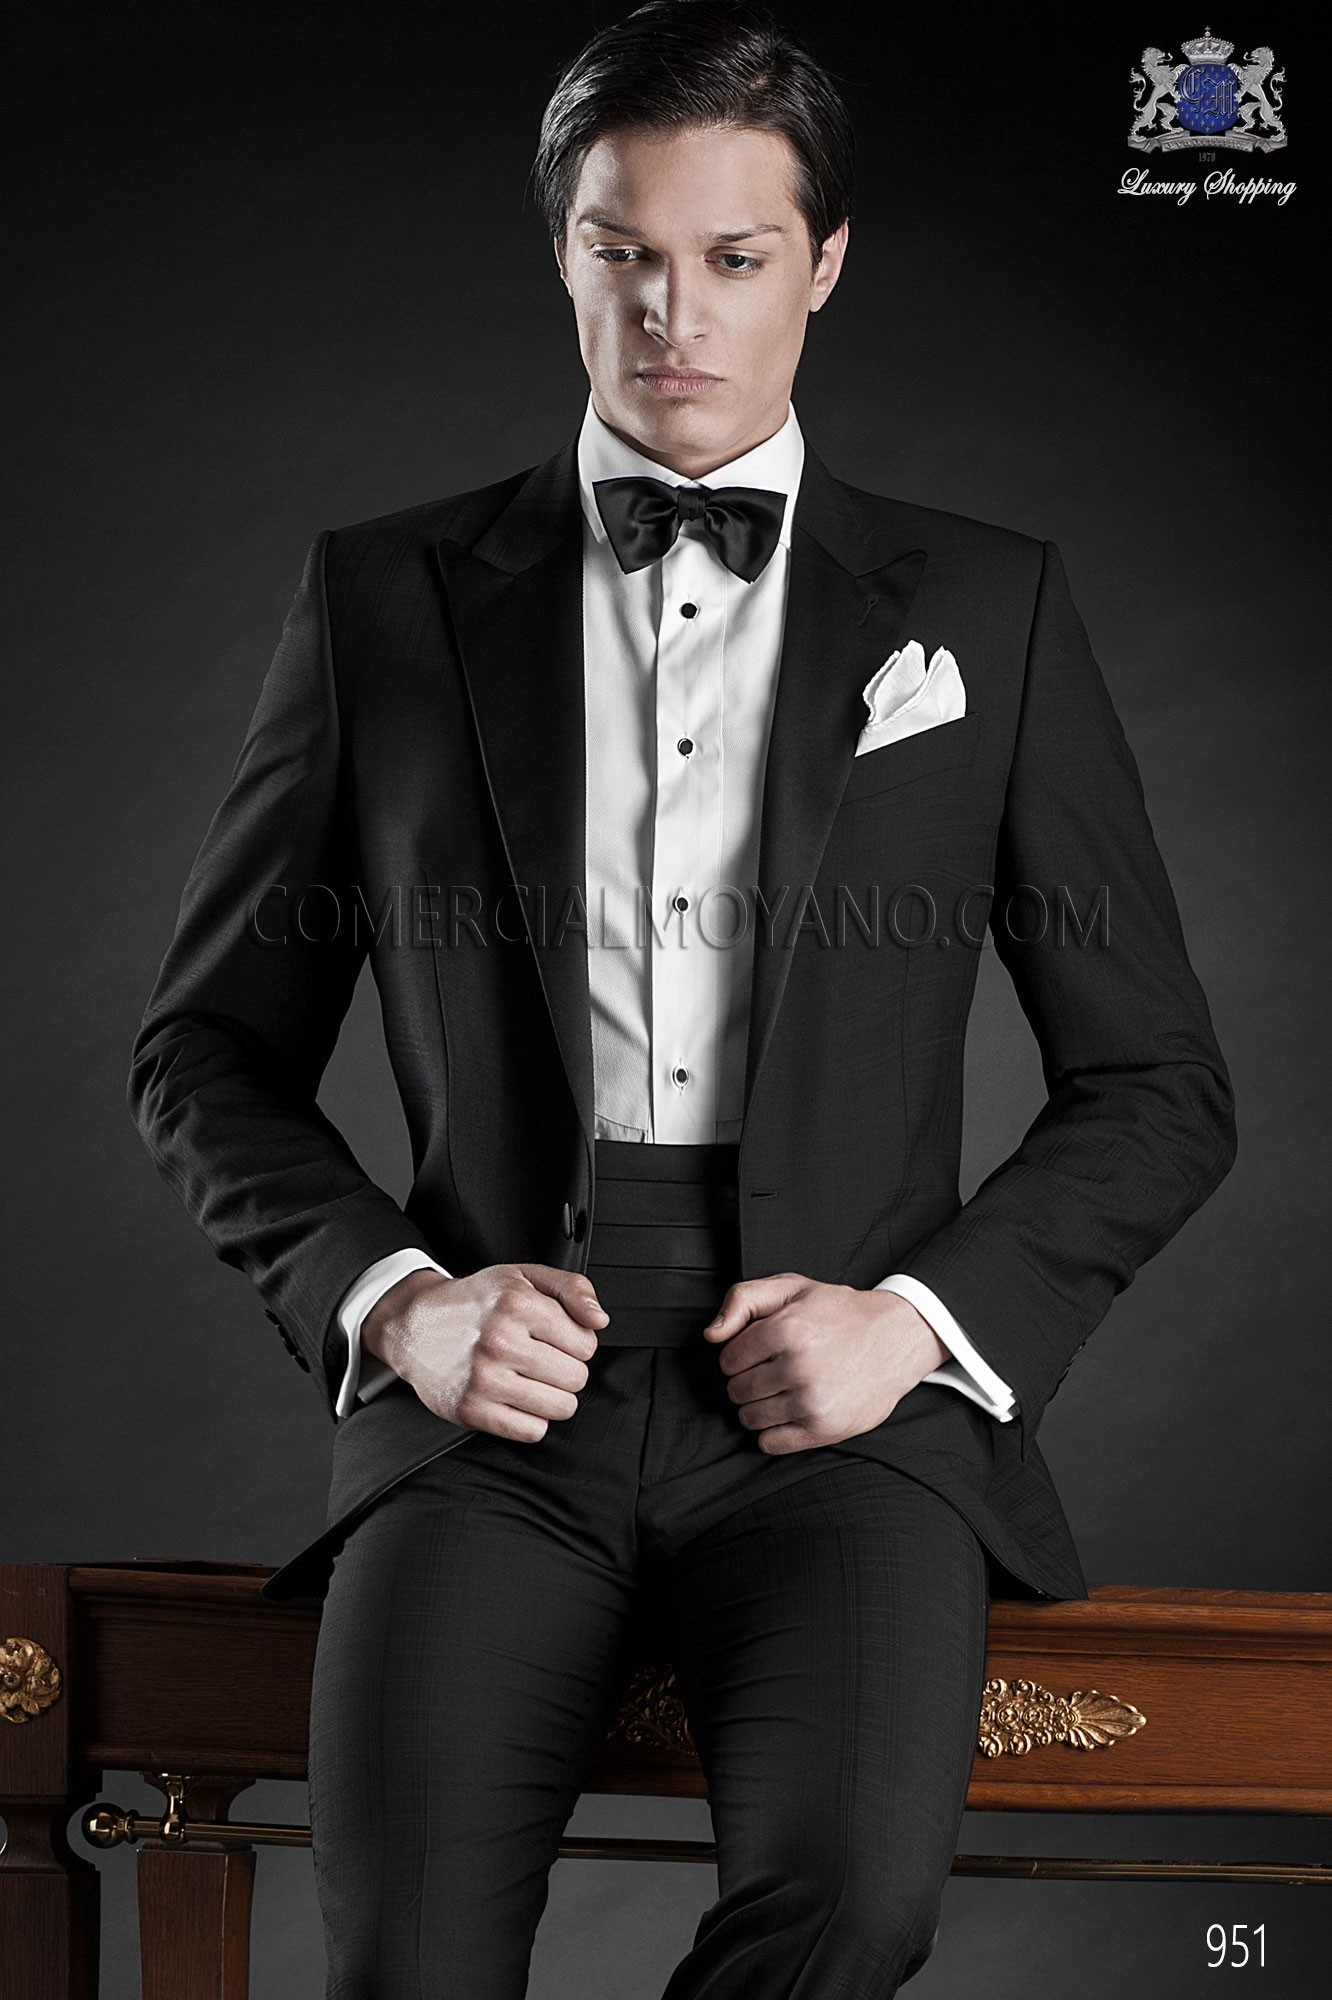 Traje de fiesta hombre negro modelo: 951 Ottavio Nuccio Gala colección Black Tie